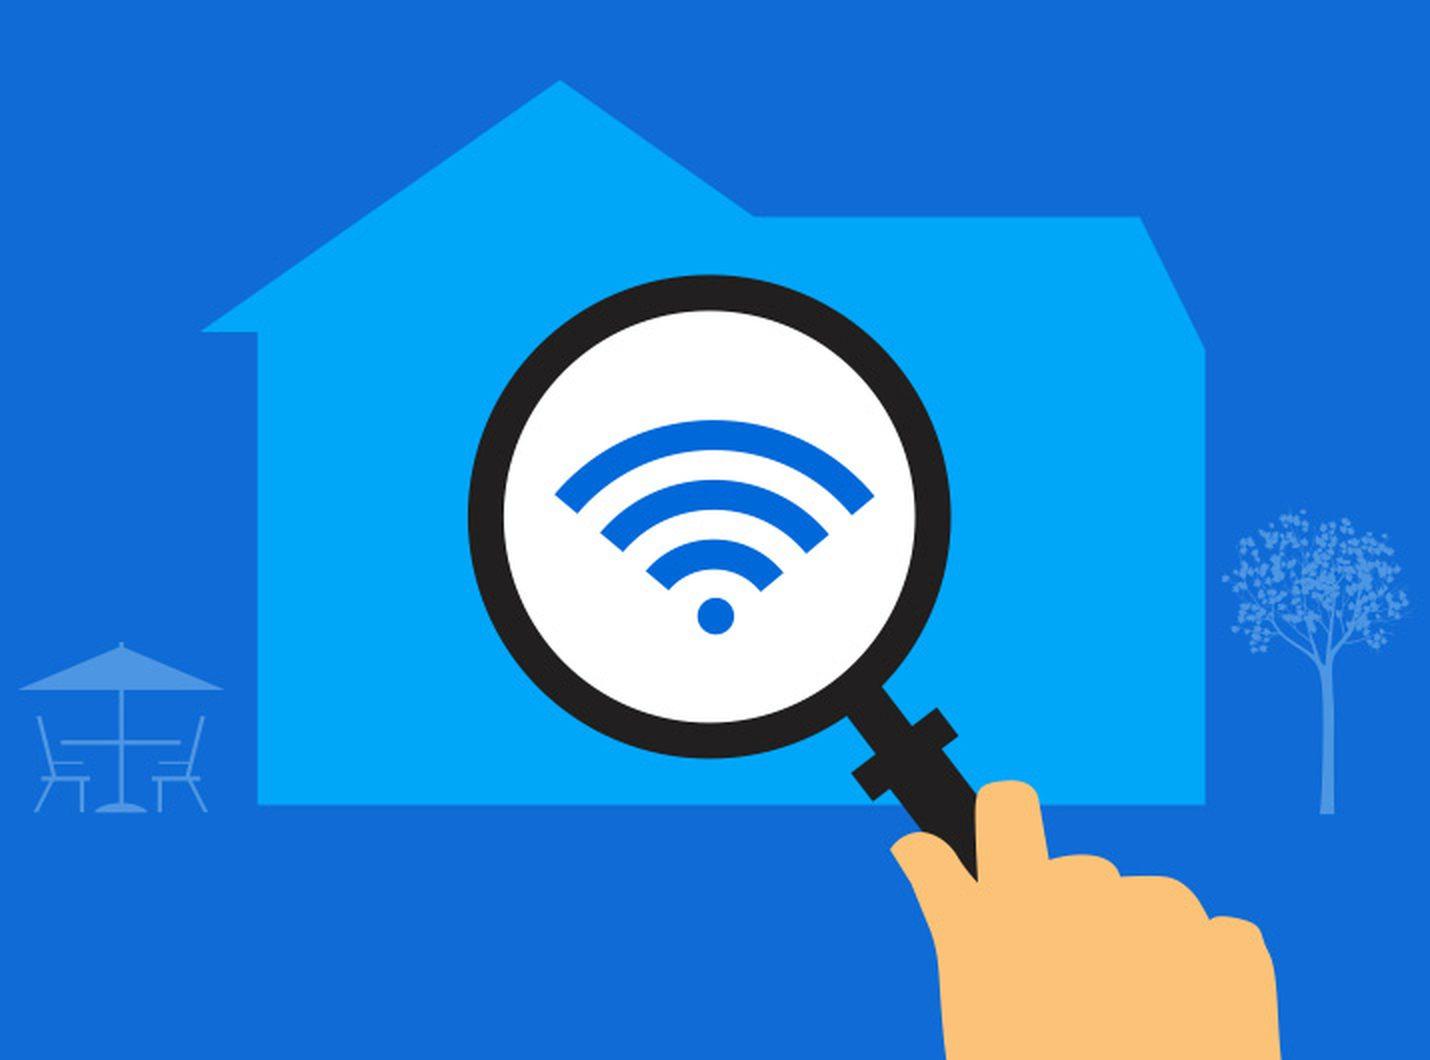 Renforcez la sécurité de votre réseau WiFi.